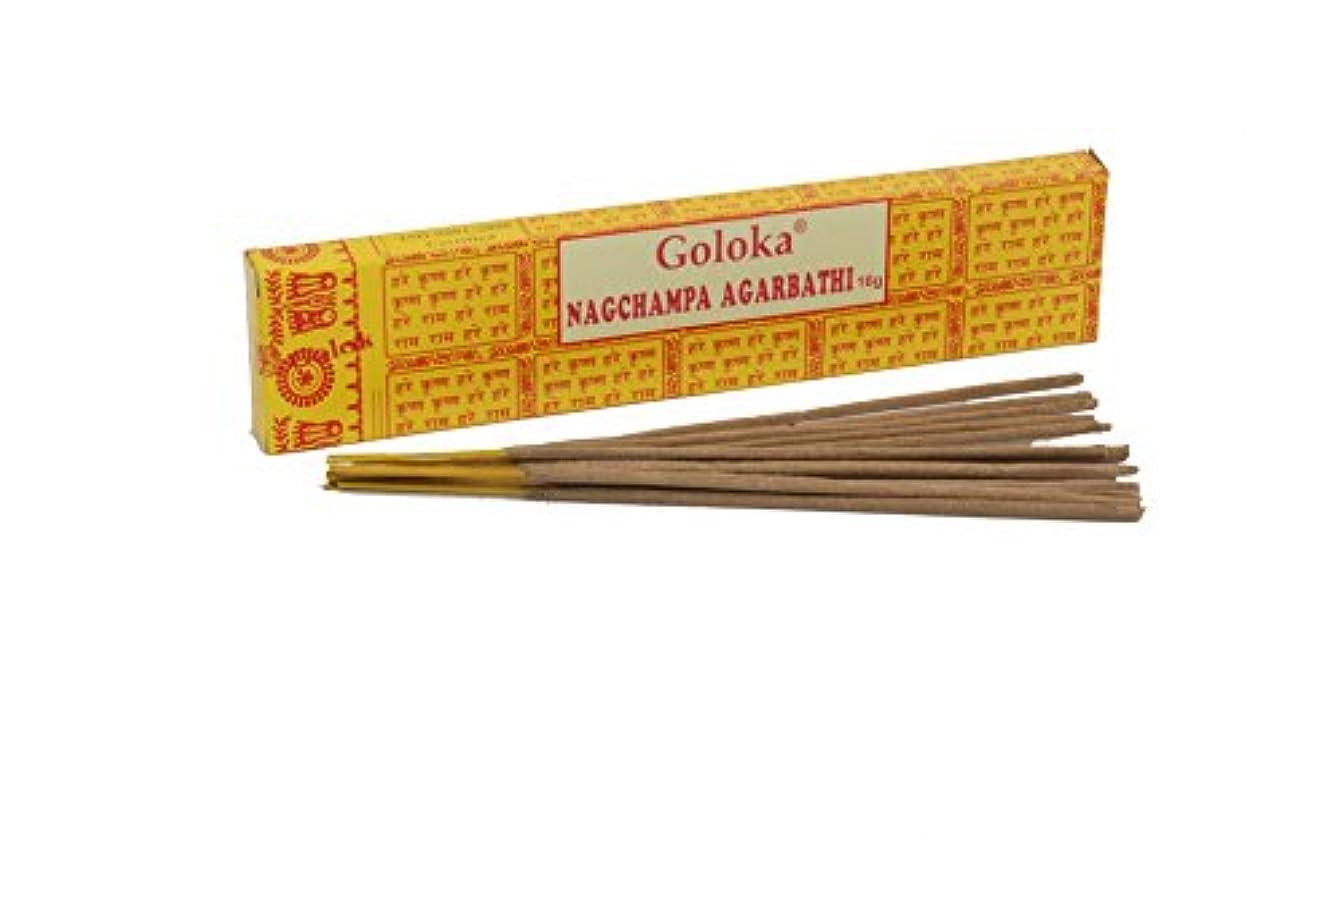 ベテラン首尾一貫した椅子Goloka Nag Champa Incense Sticks by Goloka